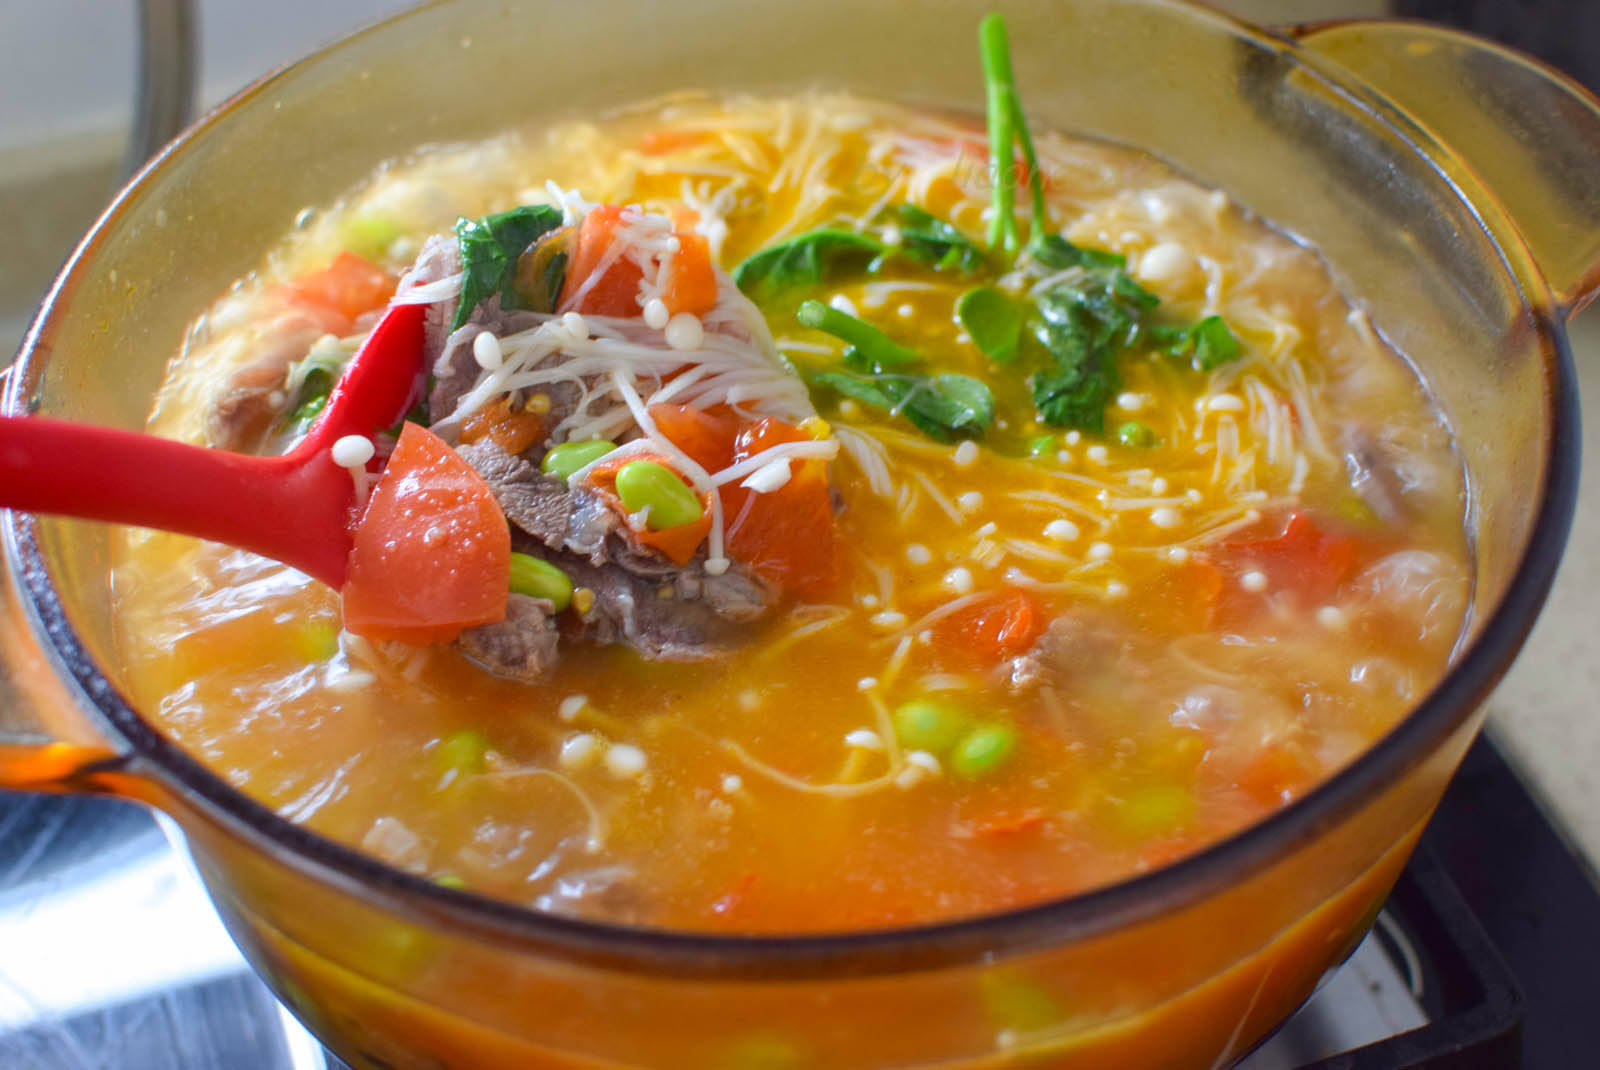 用牛肉煮汤,这方法最简单,切切煮煮就做好,咸鲜开胃适合夏天